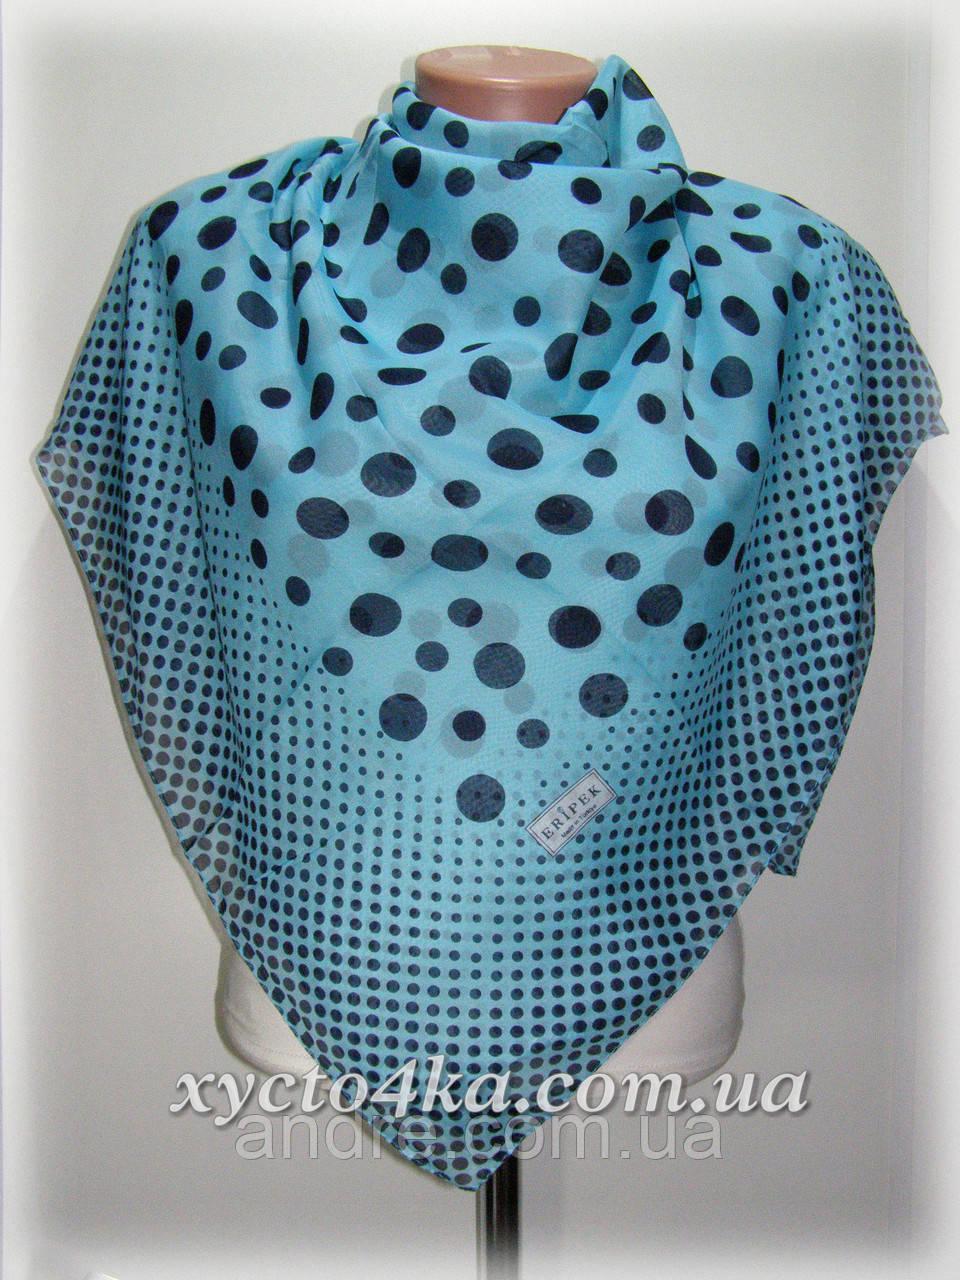 Лёгкий Турецкий натуральный платок Горошек, голубой